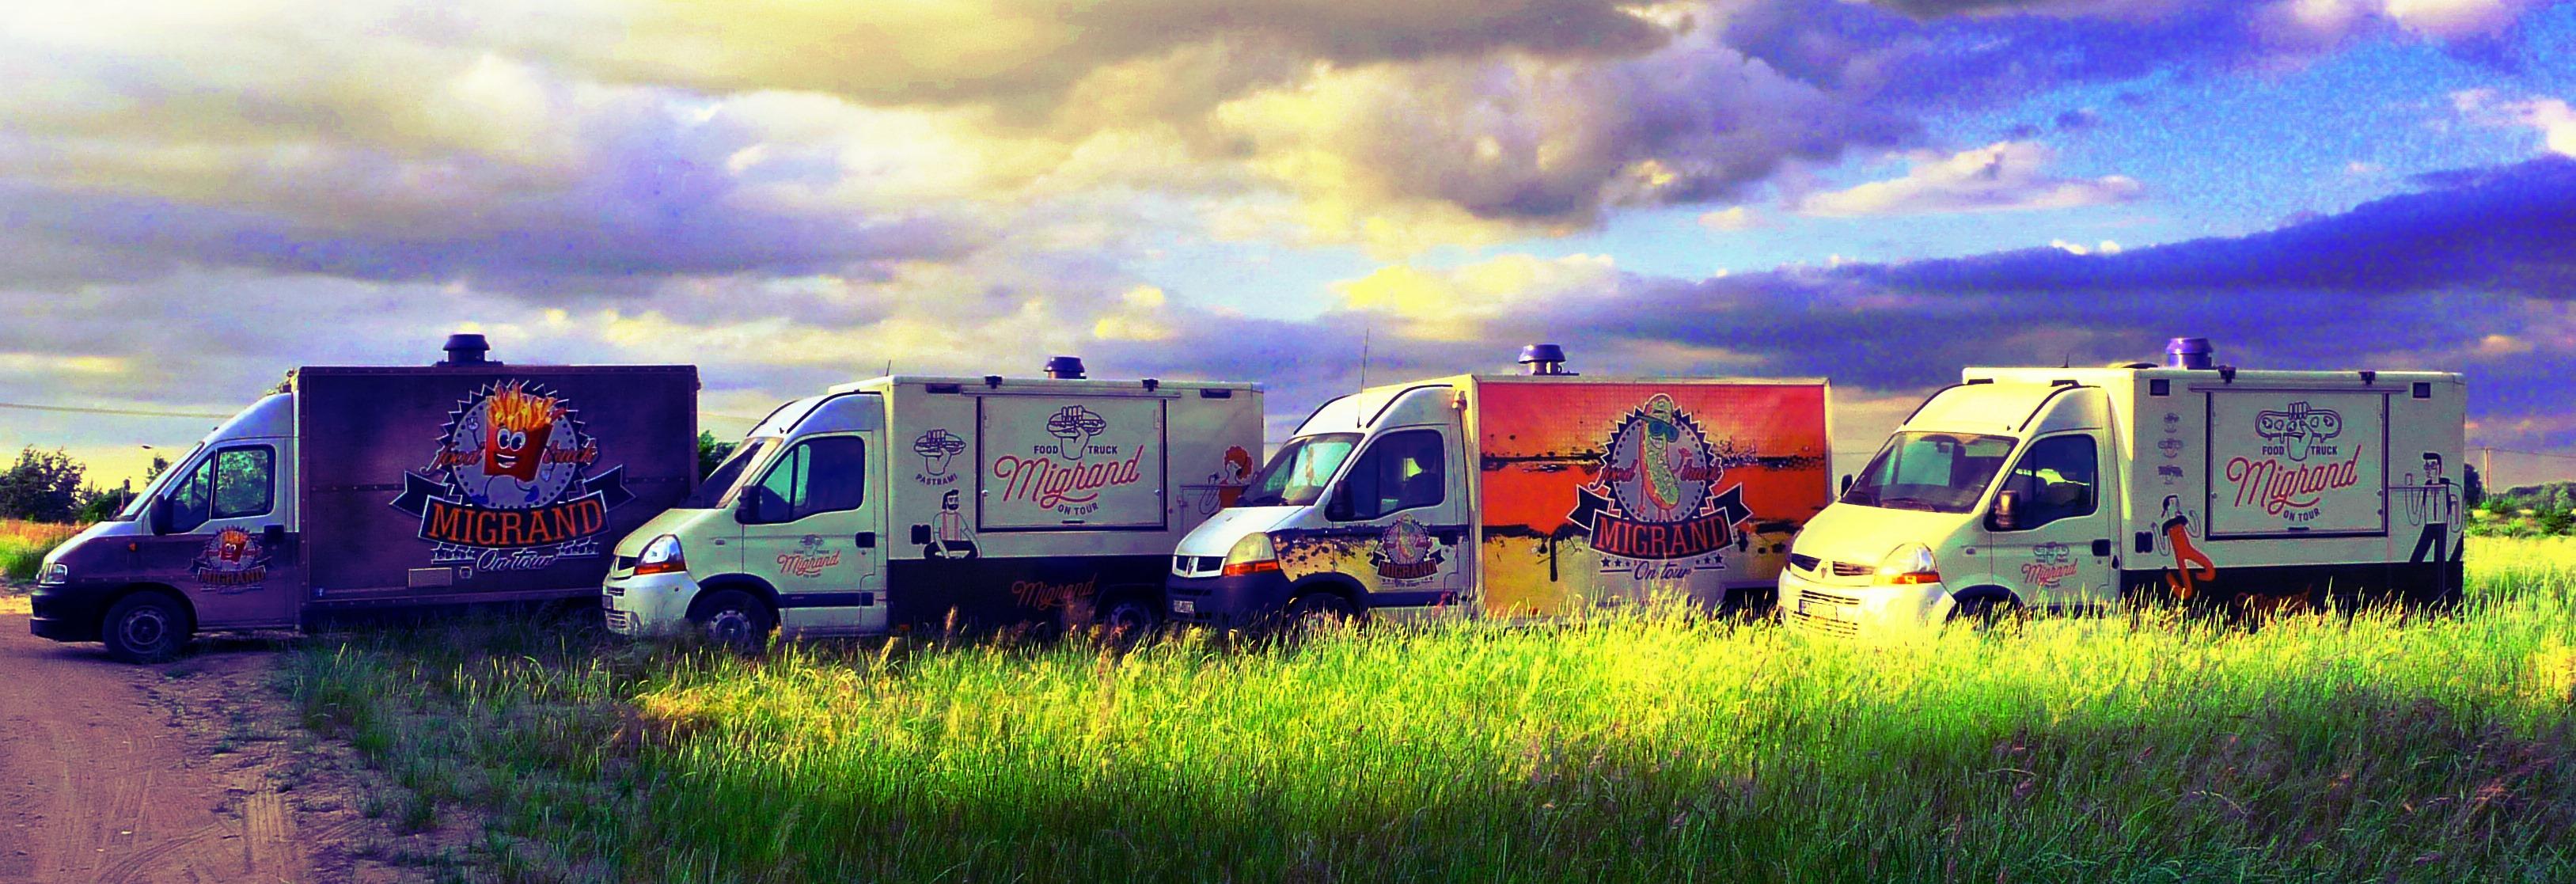 Kolejny weekend z Migrand Food Truck w Klubie Kontrapunkt. Polecamy!